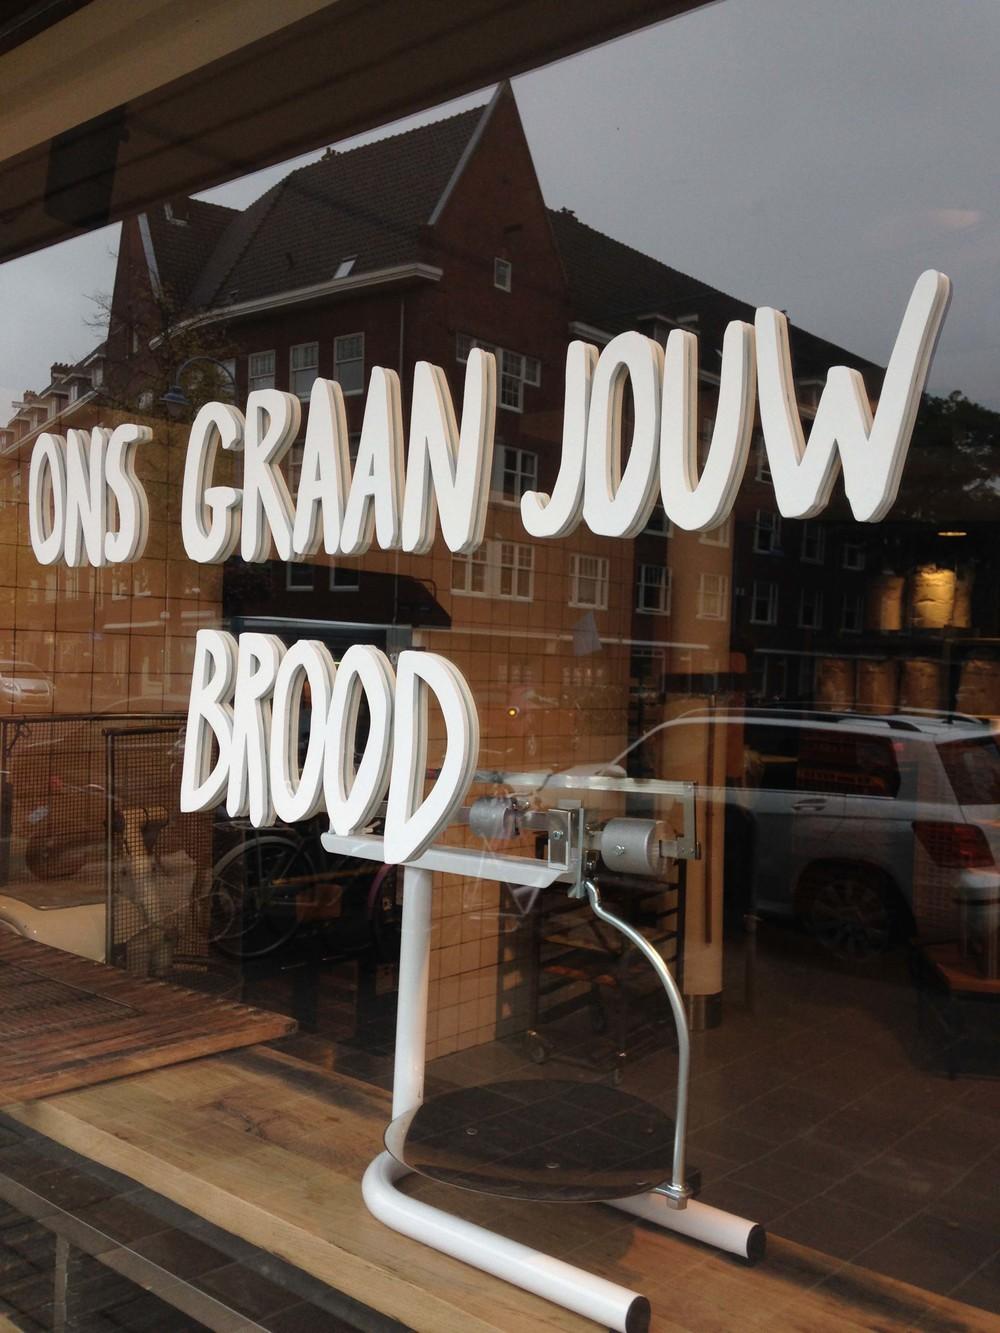 Ons graan jouw brood